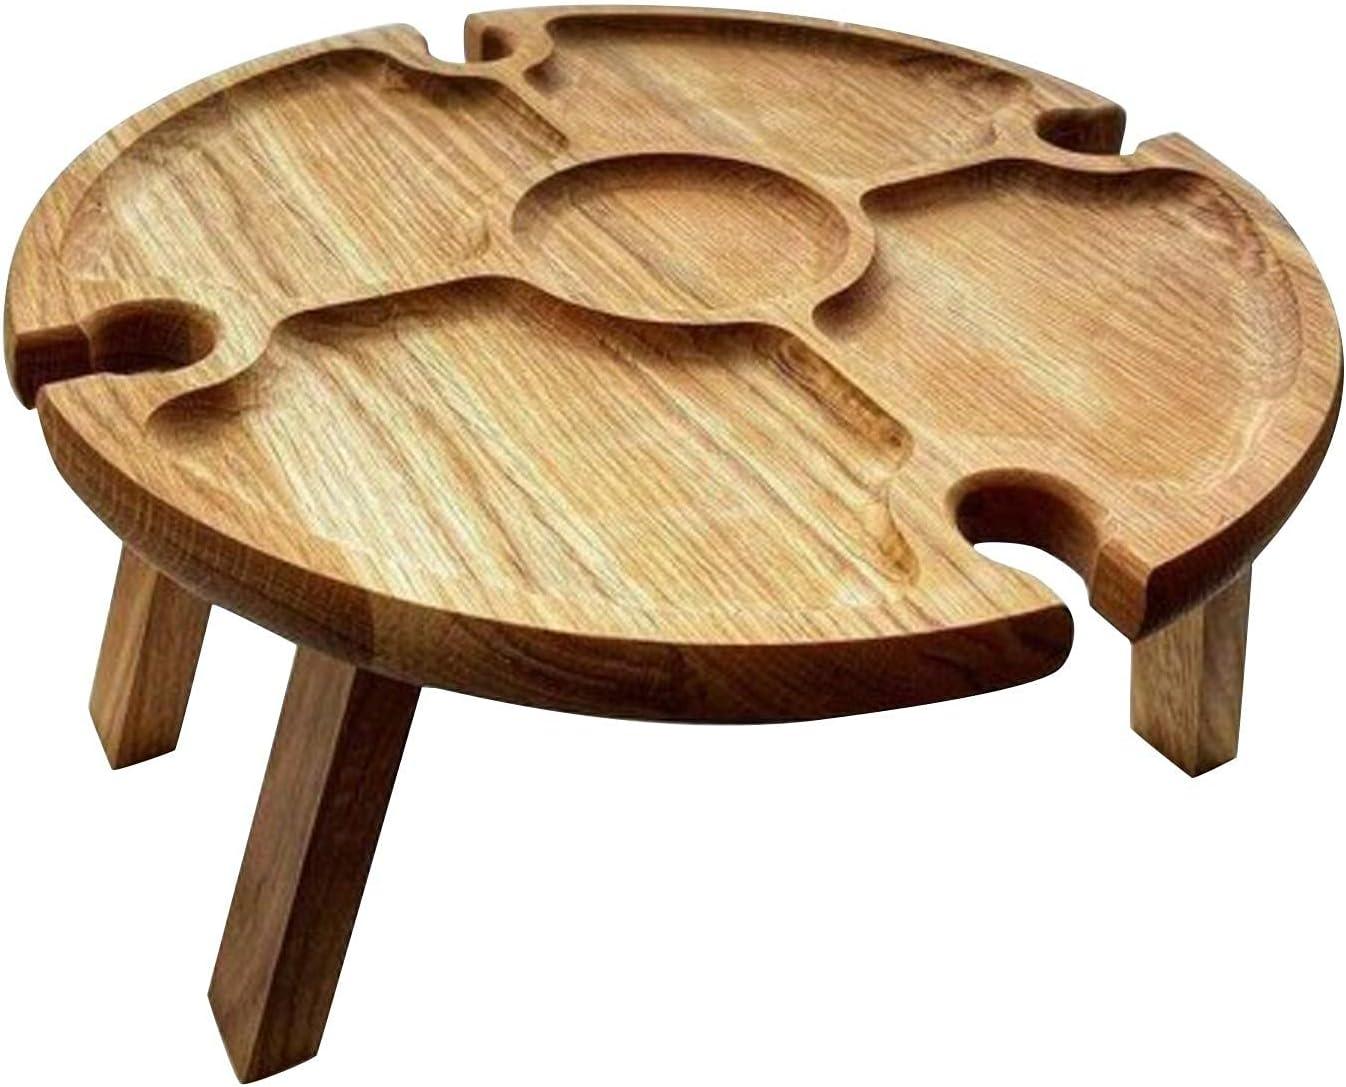 Mesa de picnic plegable de madera para exteriores, mini mesa portátil para exteriores, mesa de picnic creativa 2 en 1, mesa de vino para comida al aire libre para jardín, viajes, mesa de playa